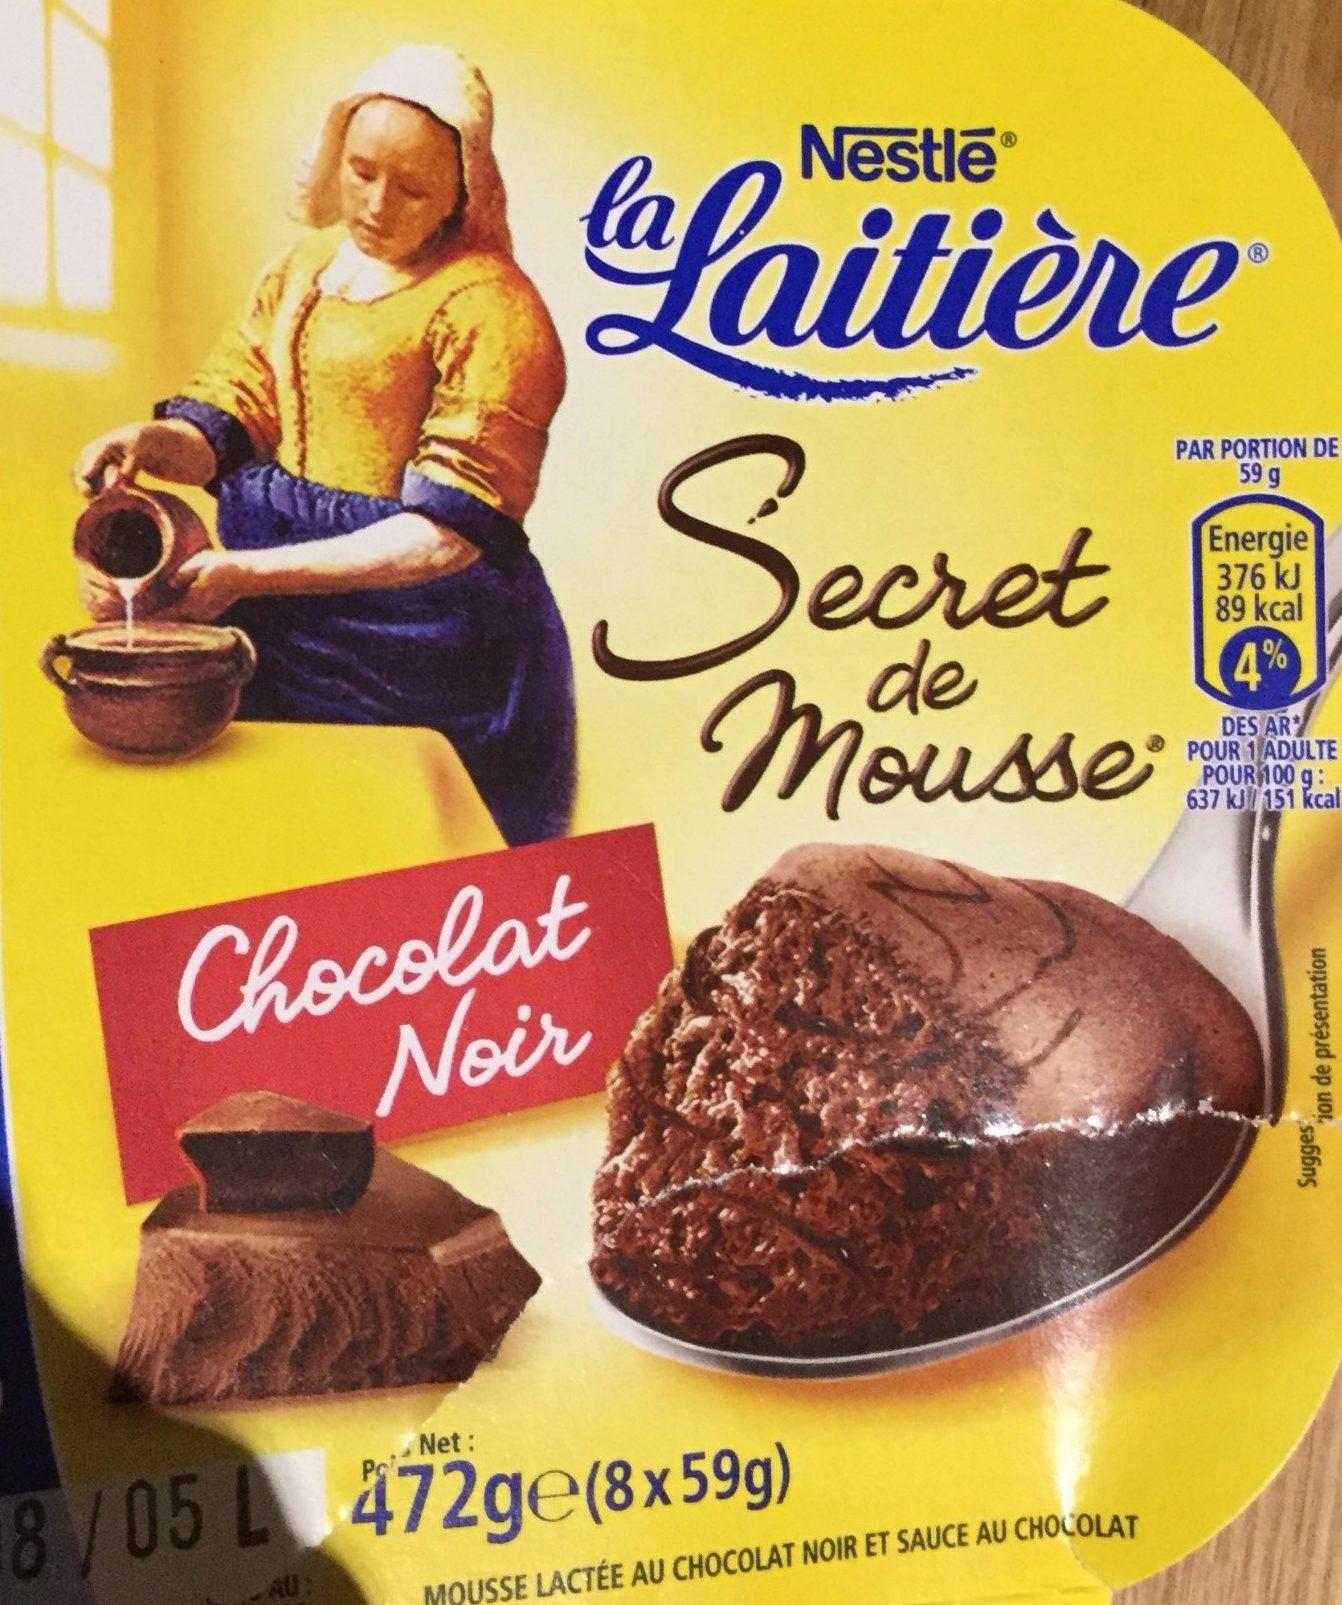 Secret de Mousse Chocolat Noir - Product